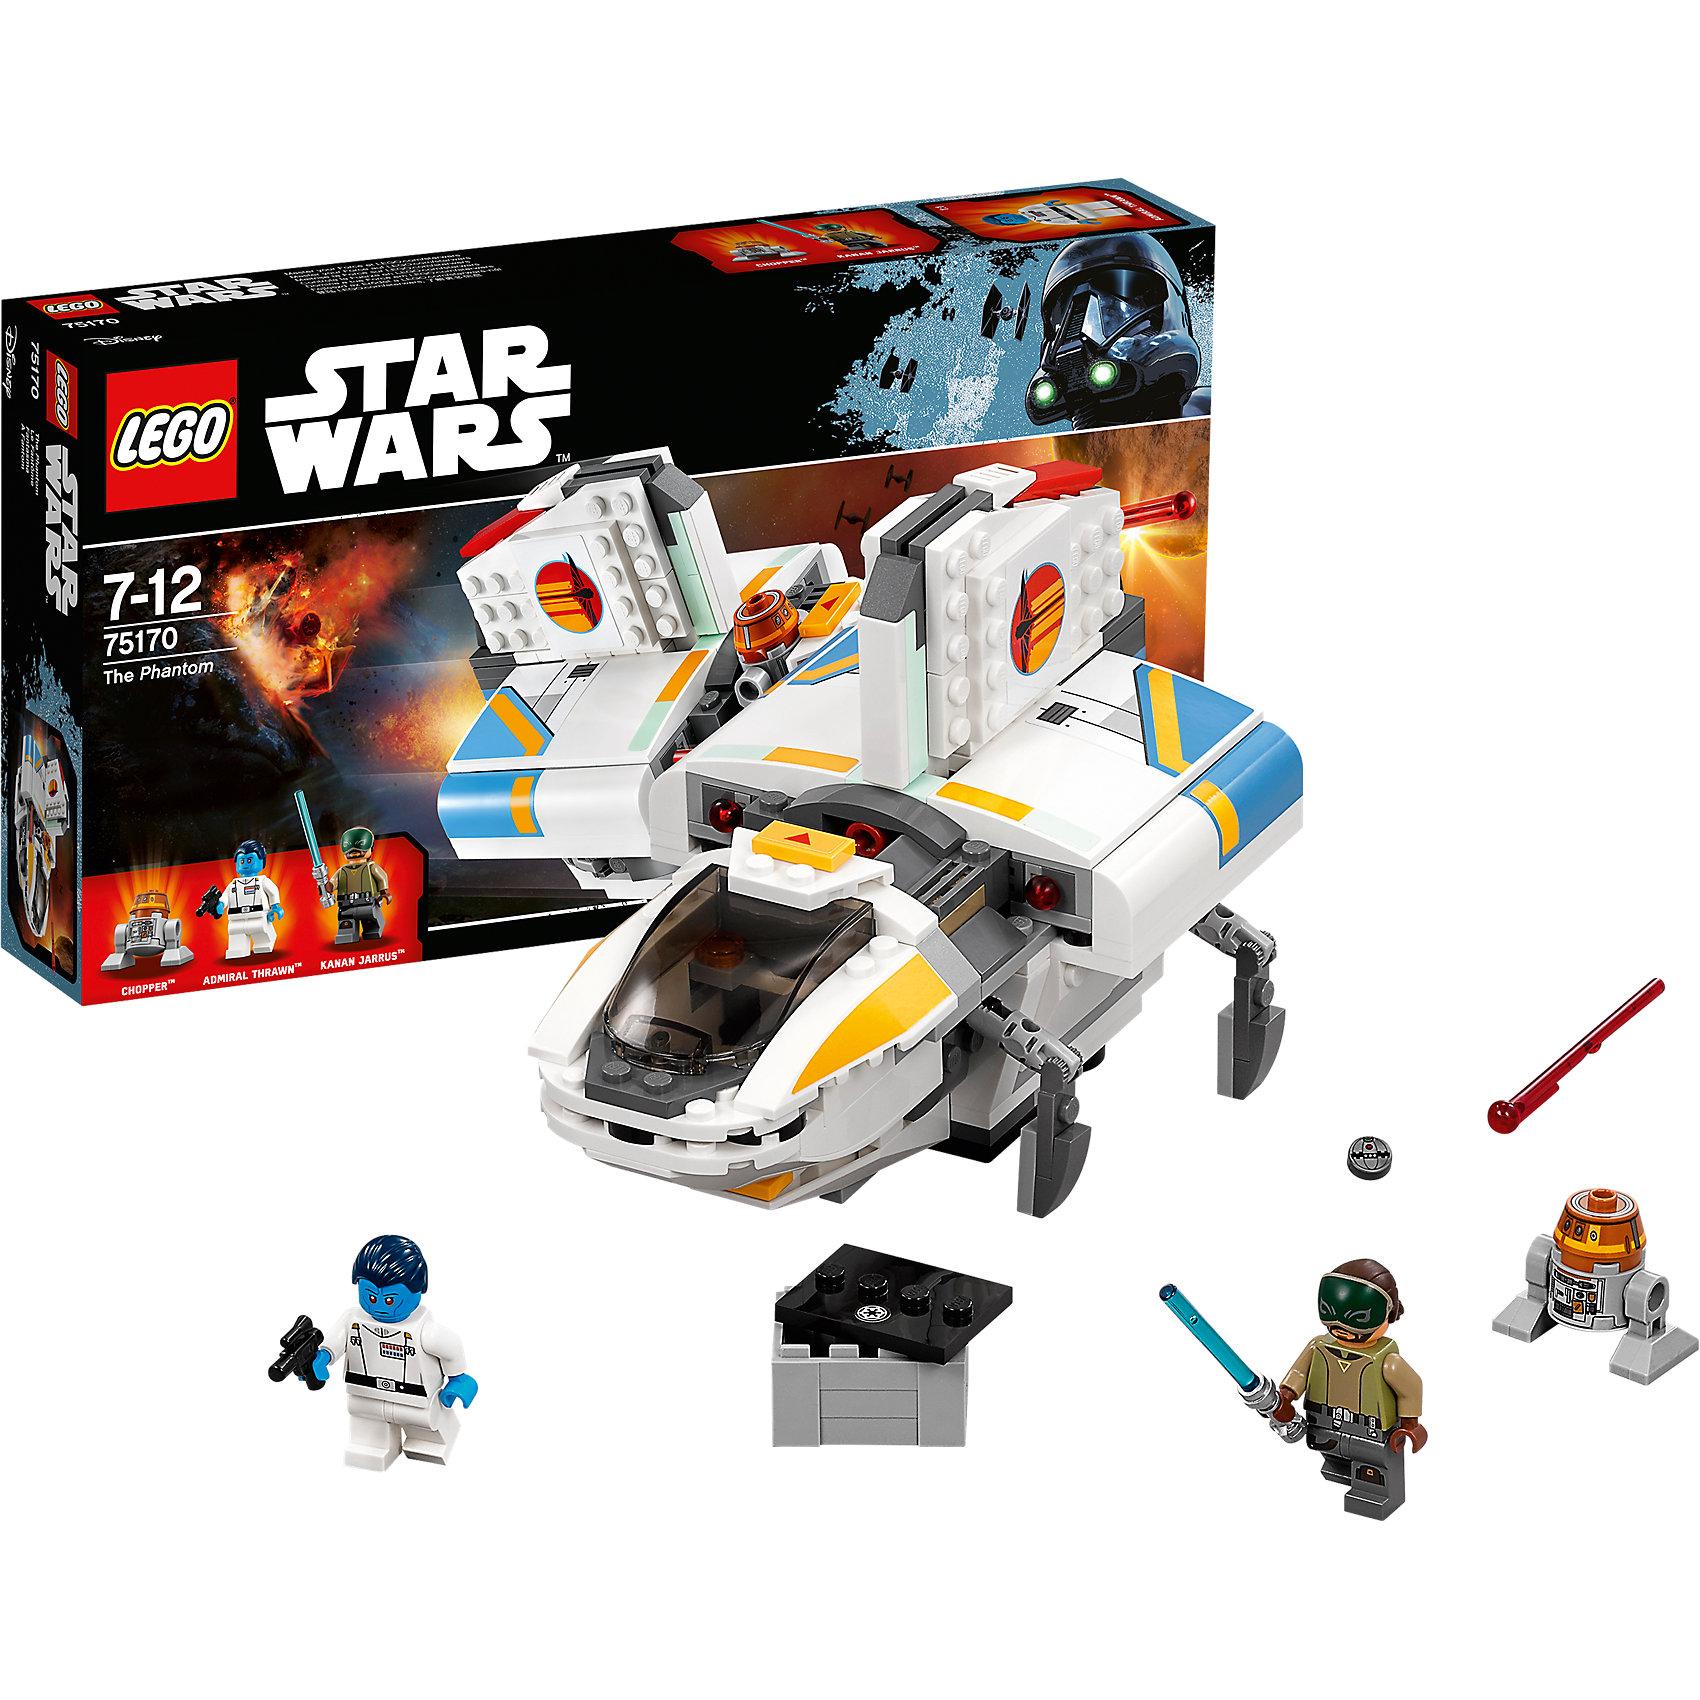 LEGO Star Wars 75170: ФантомПластмассовые конструкторы<br>LEGO Star Wars 75170: Фантом<br><br>Характеристики:<br><br>- в набор входит: детали корабля, 12 наклеек, 3 фигурки, инструкция<br>- состав: пластик<br>- количество деталей: 269<br>- примерное время сборки: 35 мин.<br>- размер собранного корабля: 17 * 11 * 10 см.<br>- для детей в возрасте: от 7 до 14 лет<br>- Страна производитель: Дания/Китай/Чехия/<br><br>Легендарный конструктор LEGO (ЛЕГО) представляет серию «Звездные Войны» с героями одноименных фильмов. После потери Фантома Mark I, повстанцы достают старый шаттл, который становится Фантомом Mark II. Этот набор отлично запечатляет небольшой красочный корабль в мельчайших деталях. Фигурка Кэнона выполнена очень качественно и имеет два выражения лица. Специальный отсек для роботов вмещает верного дроида Кэнона – Чоппера. При необходимости главная кабина отсоединяется и пилот может улететь без груза, но предельно быстро. Грузовой отсек вмещает детонатор для выполнения миссии, а специальные лазерные пушки помогут справиться с врагами. Лазерные лучи вылетают при нажатии кнопки. Злодей адмирал Траун выполнен с отлично прорисованными деталями корпуса и двумя выражениями лица. Герои имеют оружие в наборе, для Кэнона это световой меч, а для гранд-адмирала Трауна его бластер. Присоединись к команде повстанцев на борту корабля Фантом Mark II и совершенствуй свою силу.<br><br>Конструктор Star Wars 75170: Фантом можно купить в нашем интернет-магазине.<br><br>Ширина мм: 358<br>Глубина мм: 192<br>Высота мм: 63<br>Вес г: 439<br>Возраст от месяцев: 84<br>Возраст до месяцев: 144<br>Пол: Мужской<br>Возраст: Детский<br>SKU: 5002393